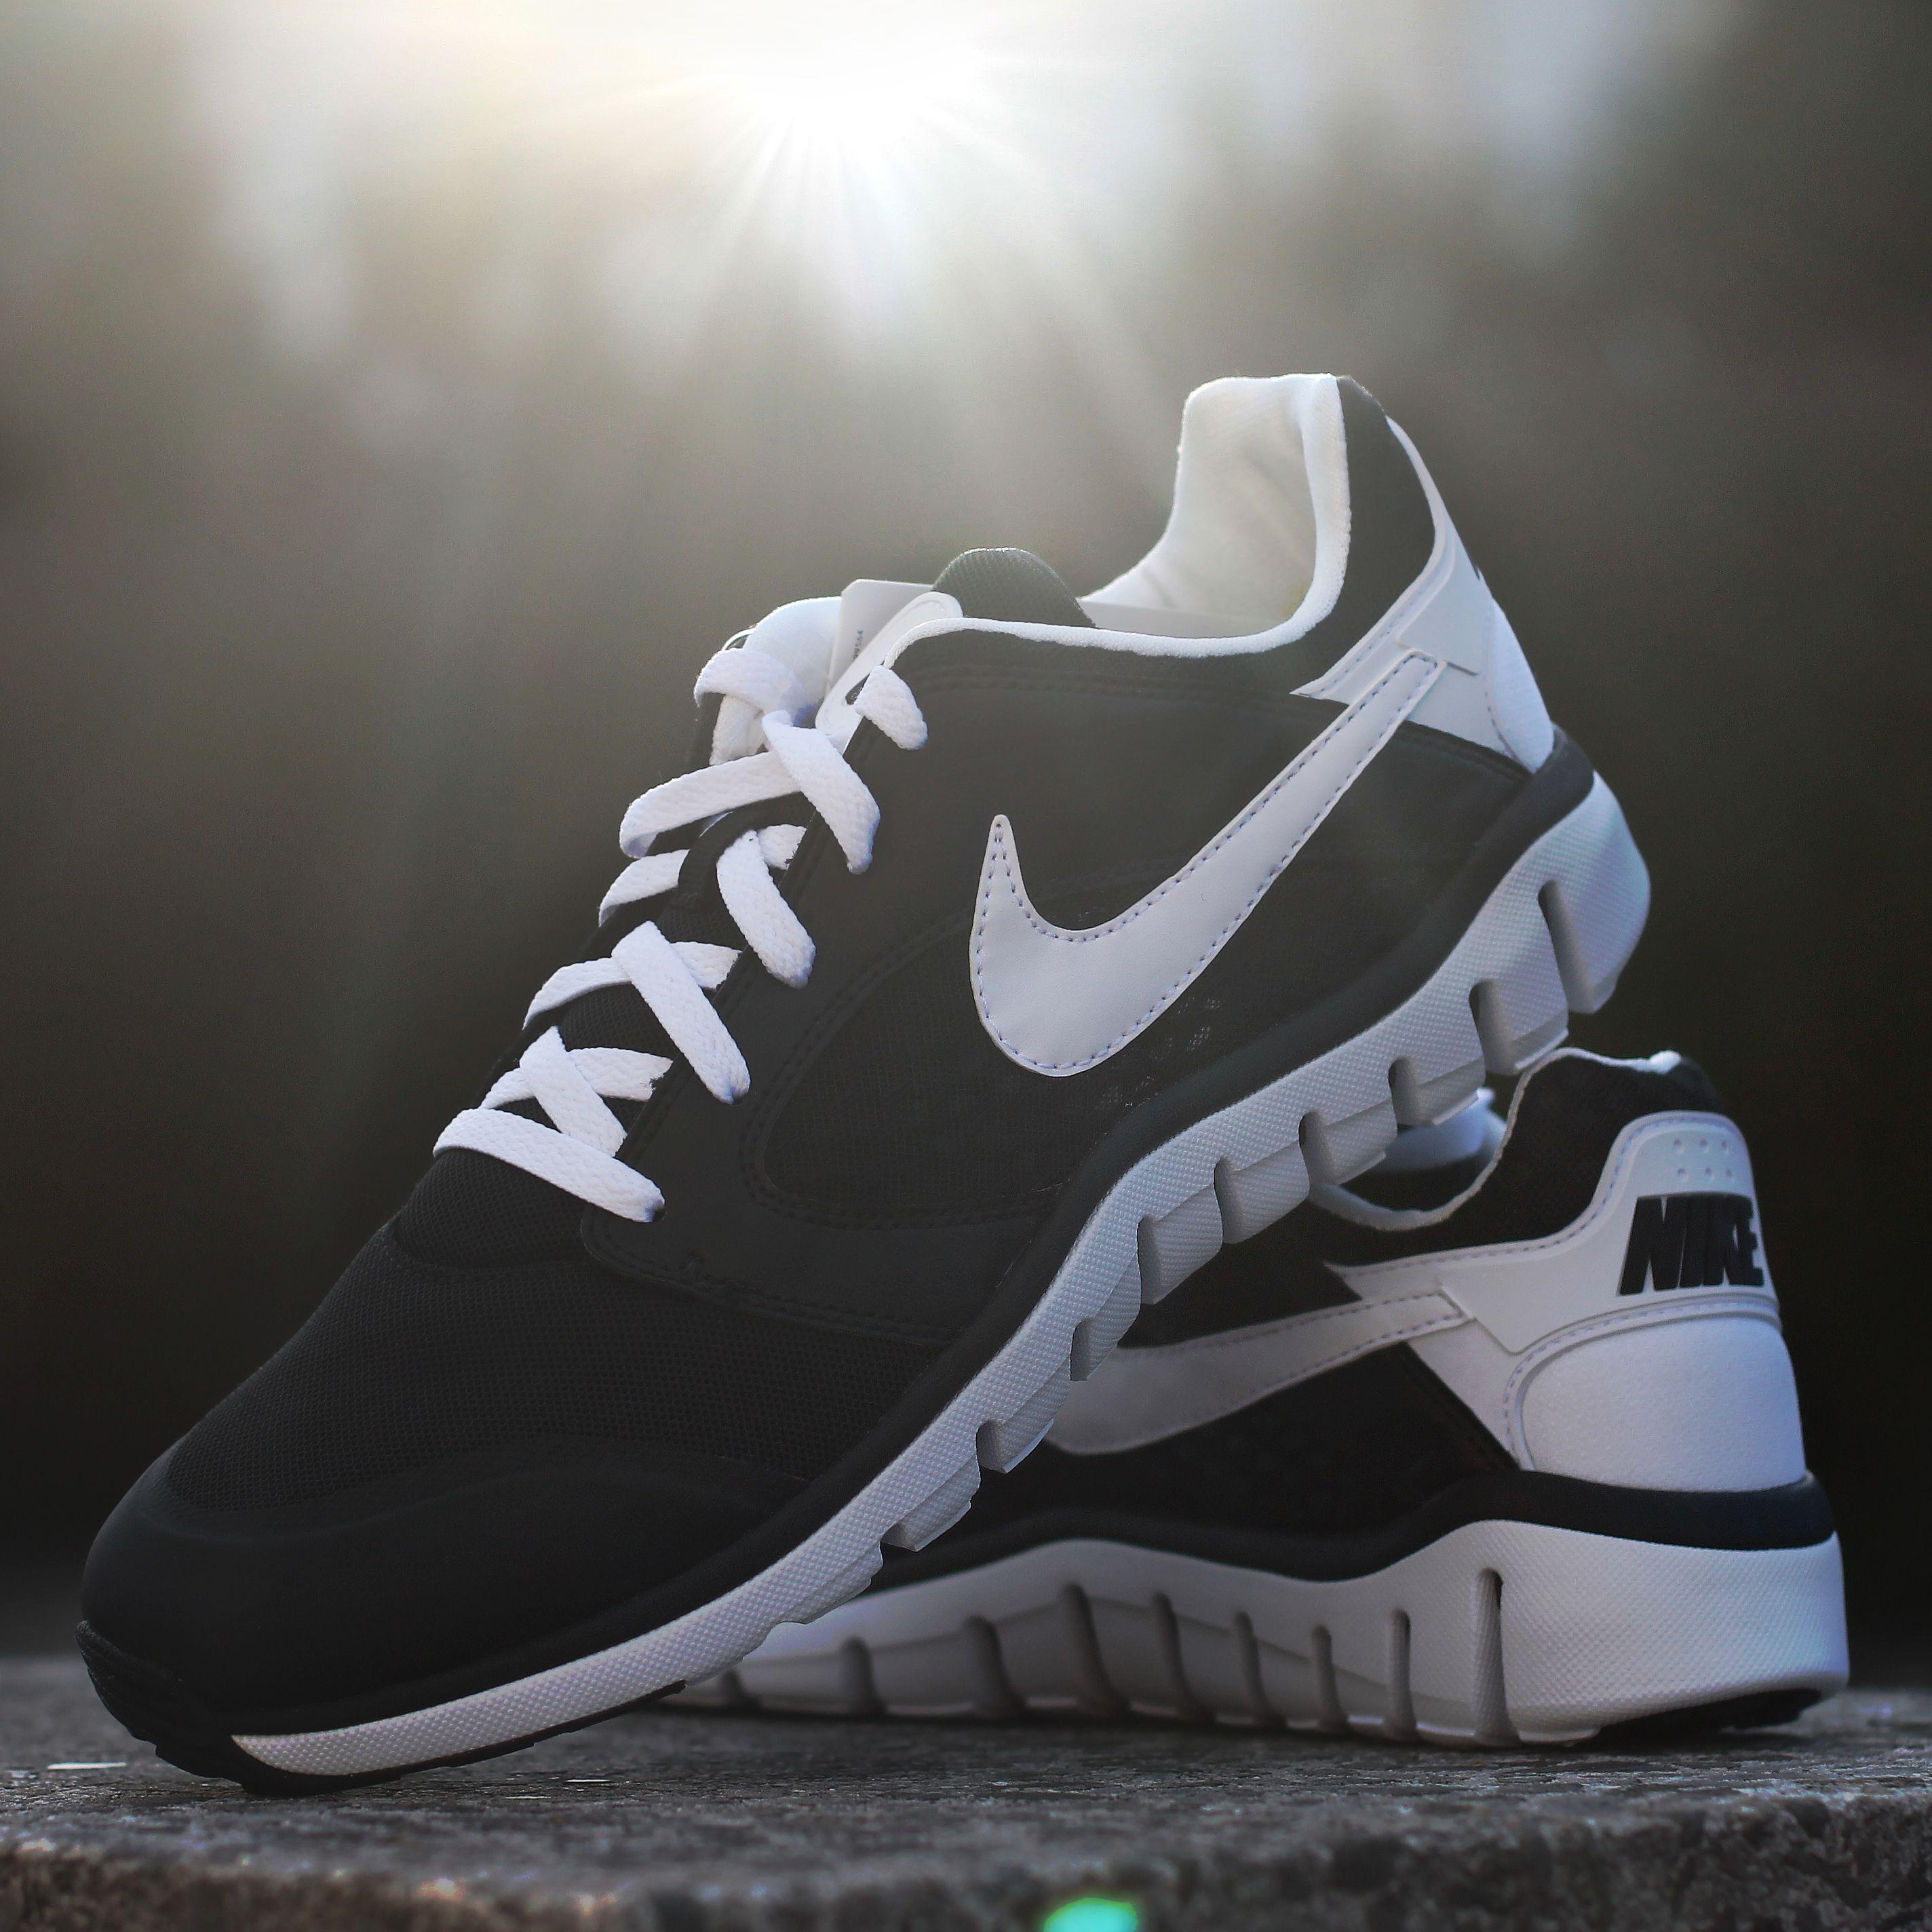 Wir lieben unsere neuen #Nike Flex Raids ♥ #deichmann #schuhe #cool #